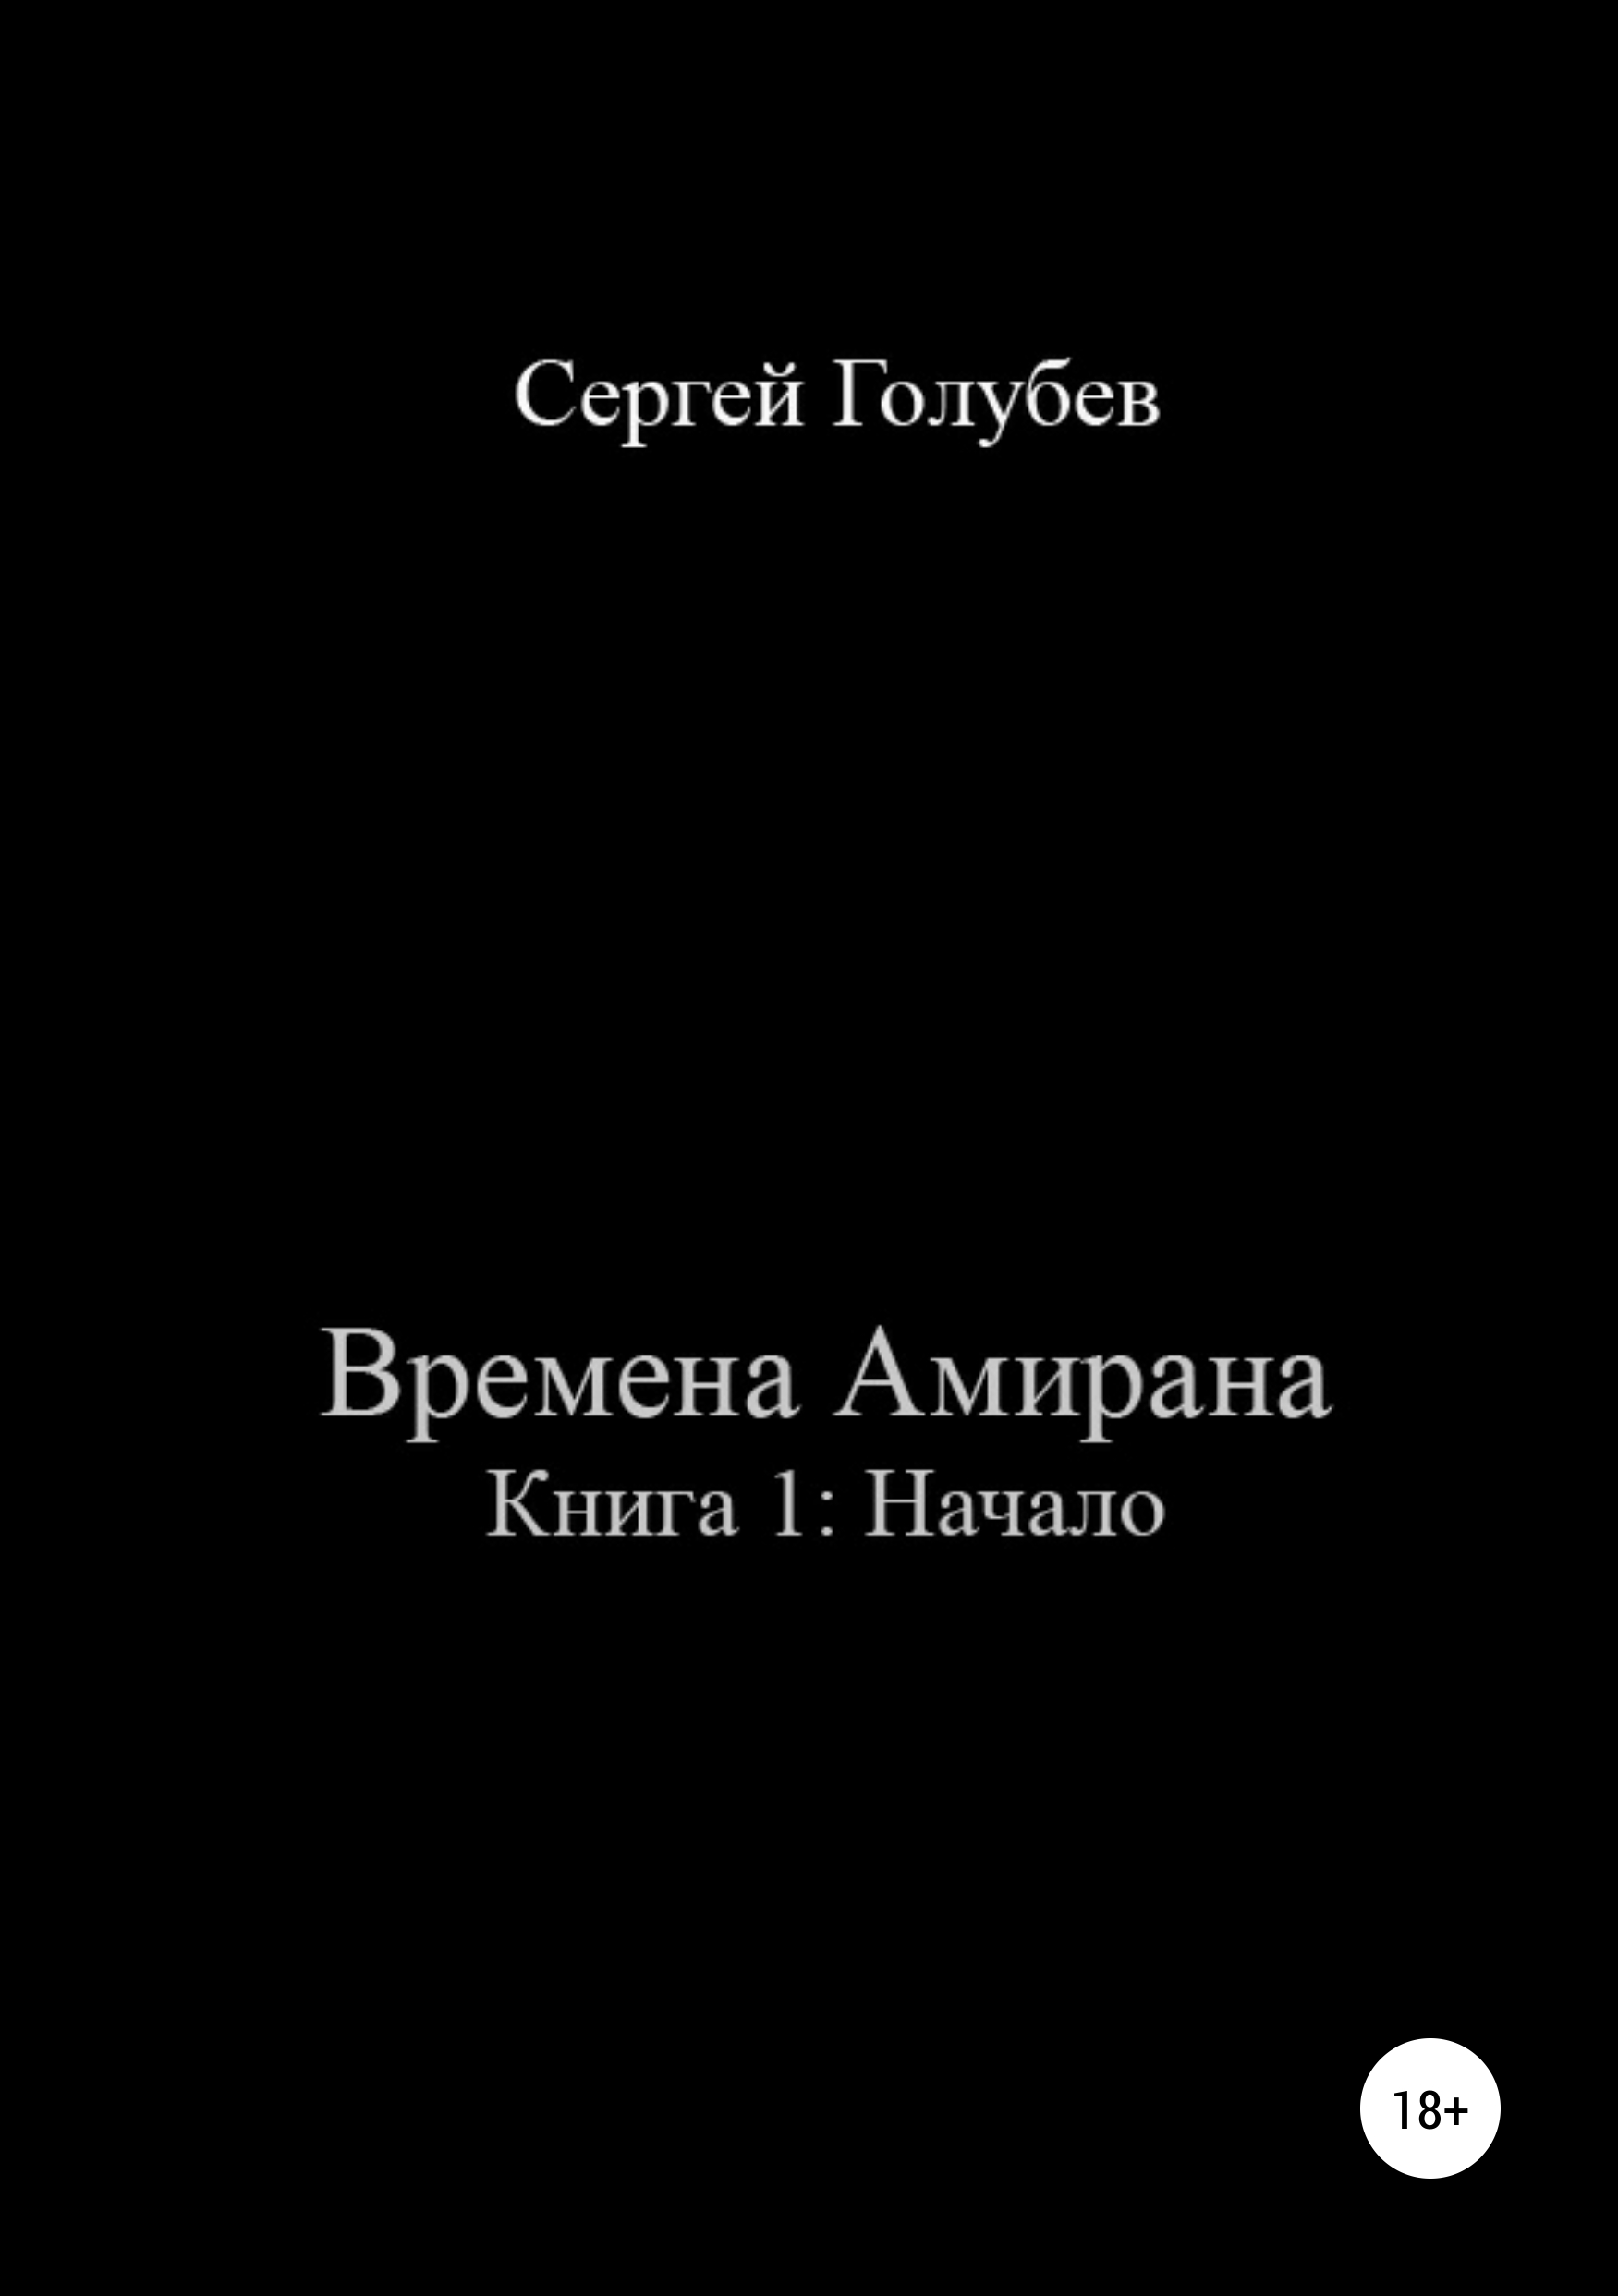 Сергей Владимирович Голубев Времена Амирана. Книга 1: Начало паради а каю неприятности случаются